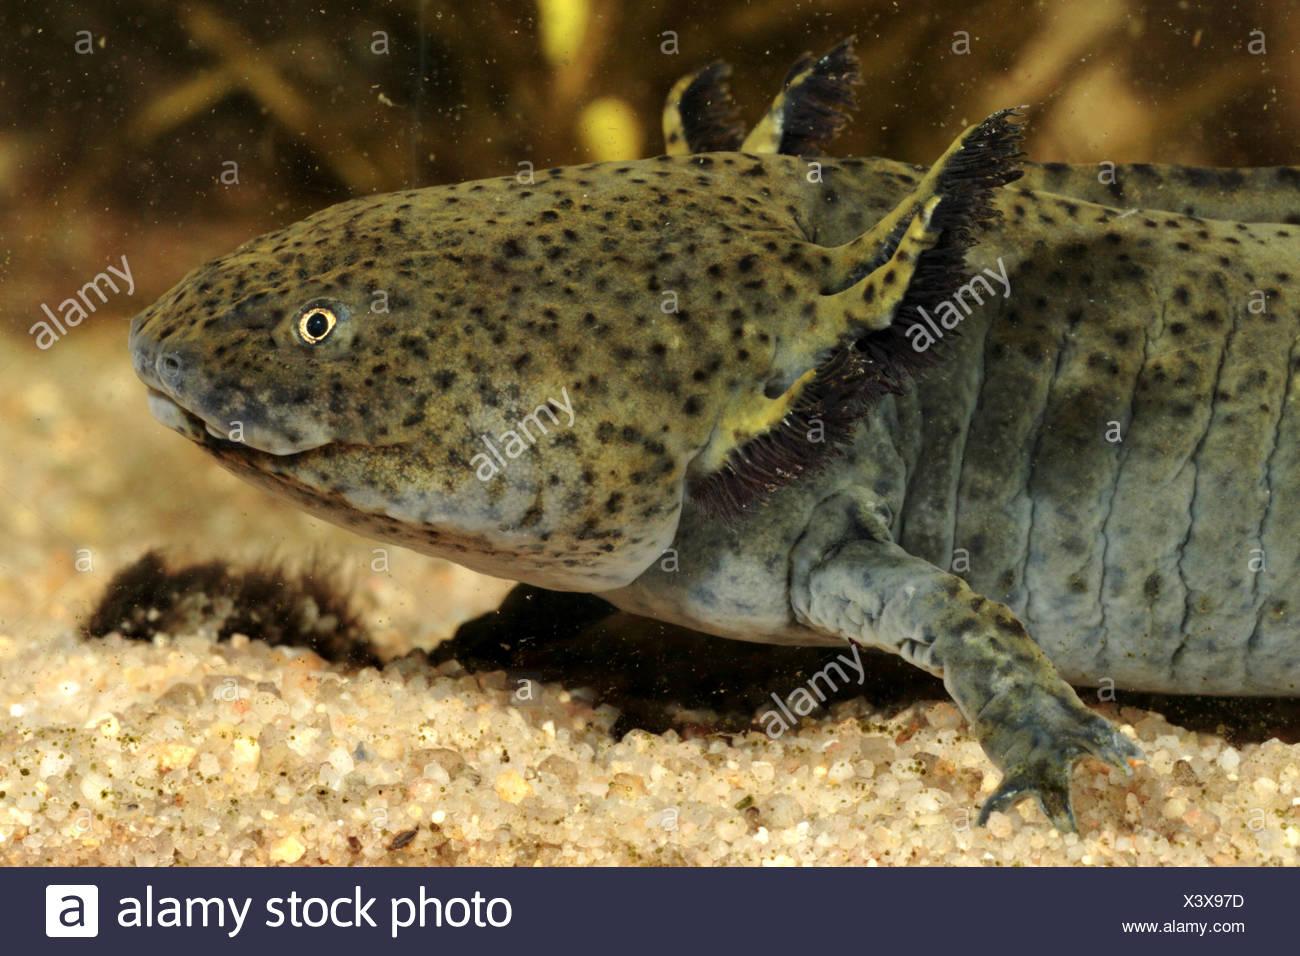 Siredon Or Axolotl Stockfotos & Siredon Or Axolotl Bilder - Seite 3 ...